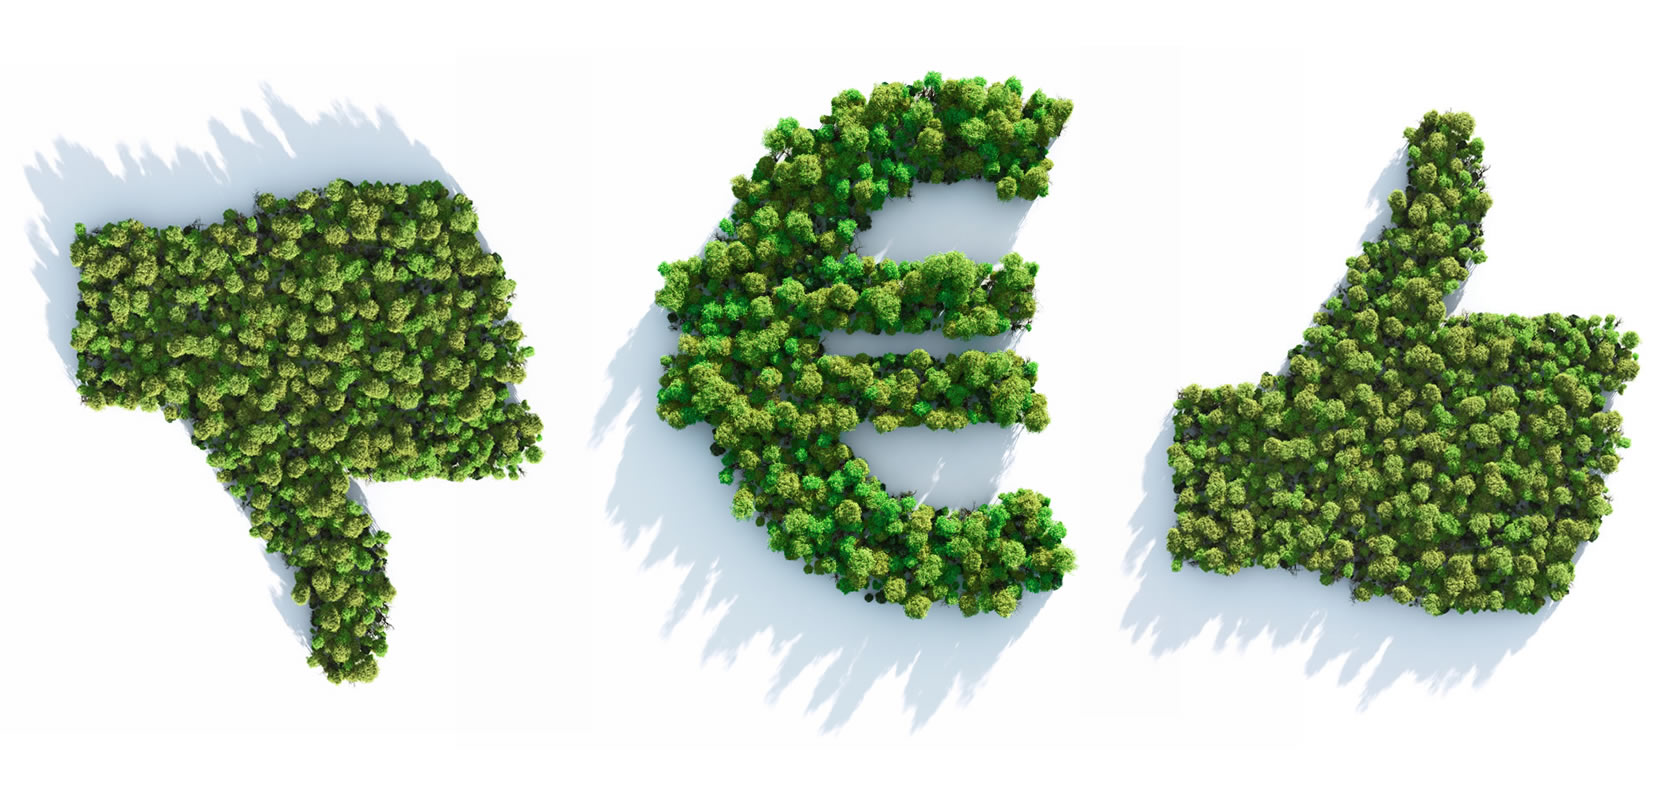 Imprimer sur papier recyclé : Et le prix dans tout ca ?